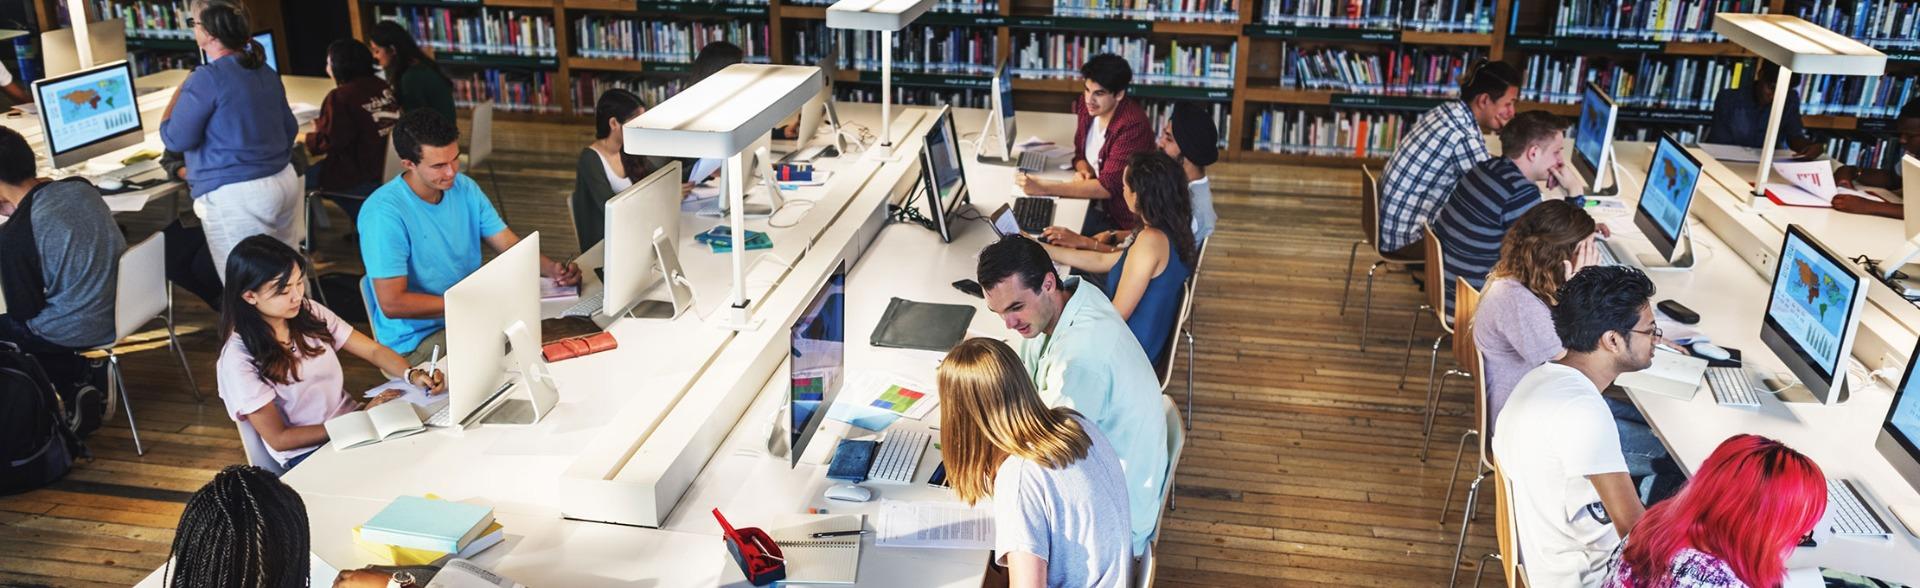 Ecoles et universités: Assurer la protection électrique de son réseau informatique grâce à un onduleur